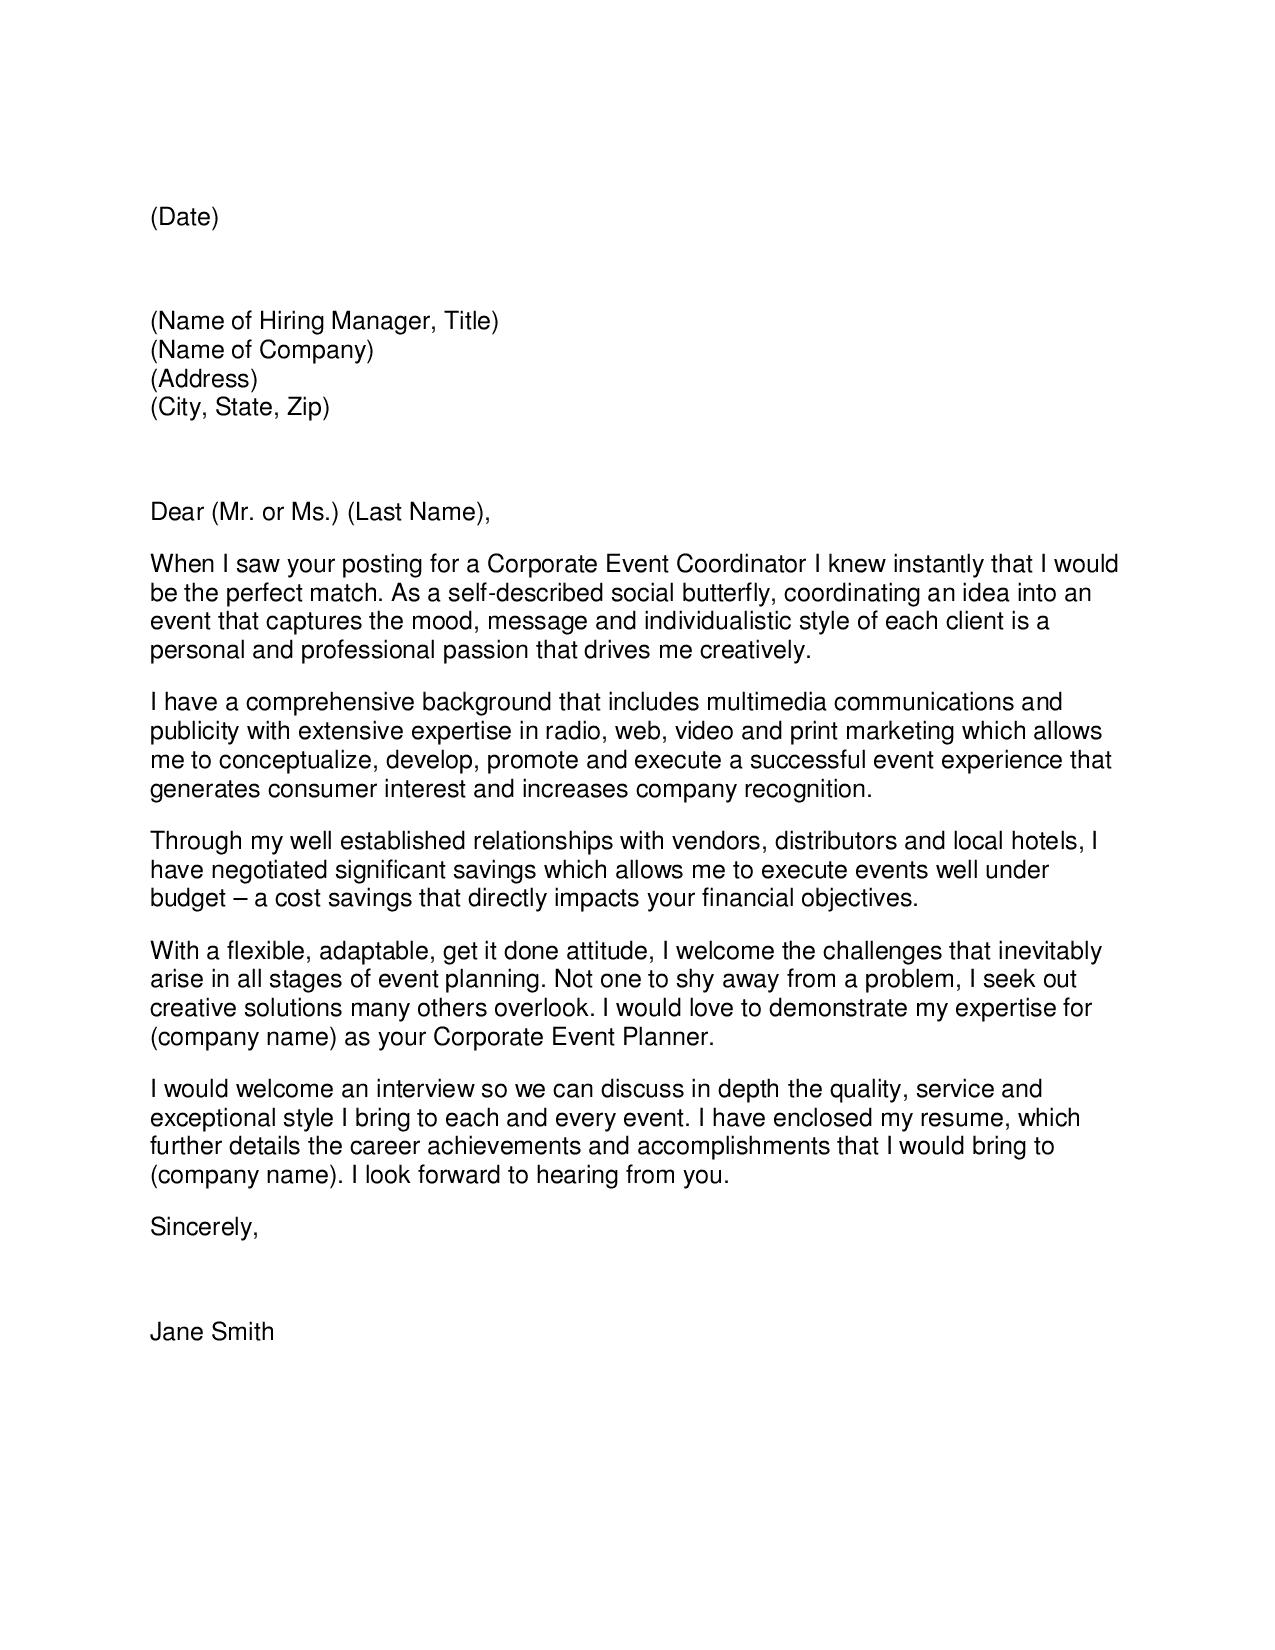 Seek Cover Letters | Resume CV Cover Letter